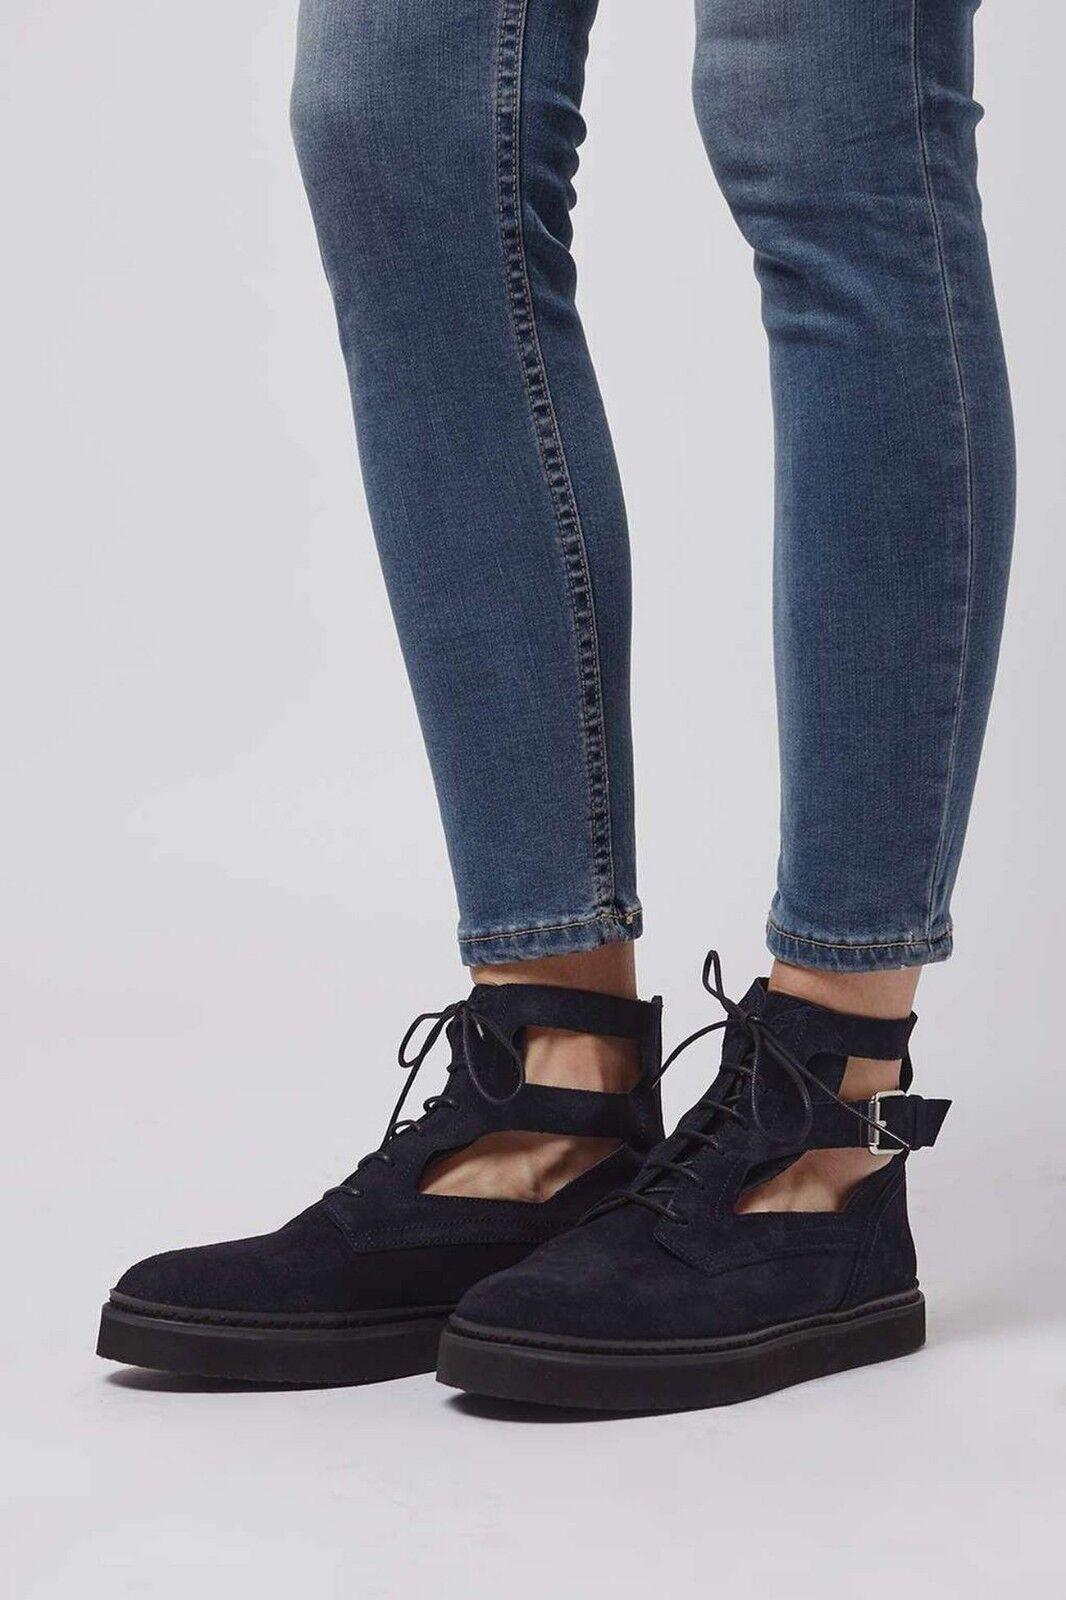 TOPSHOP SIZE Damenschuhe FLAT Stiefel Blau LEATHER CUTOUT BOOTIES SIZE TOPSHOP UK4 EUR37 US6.5 1219d8